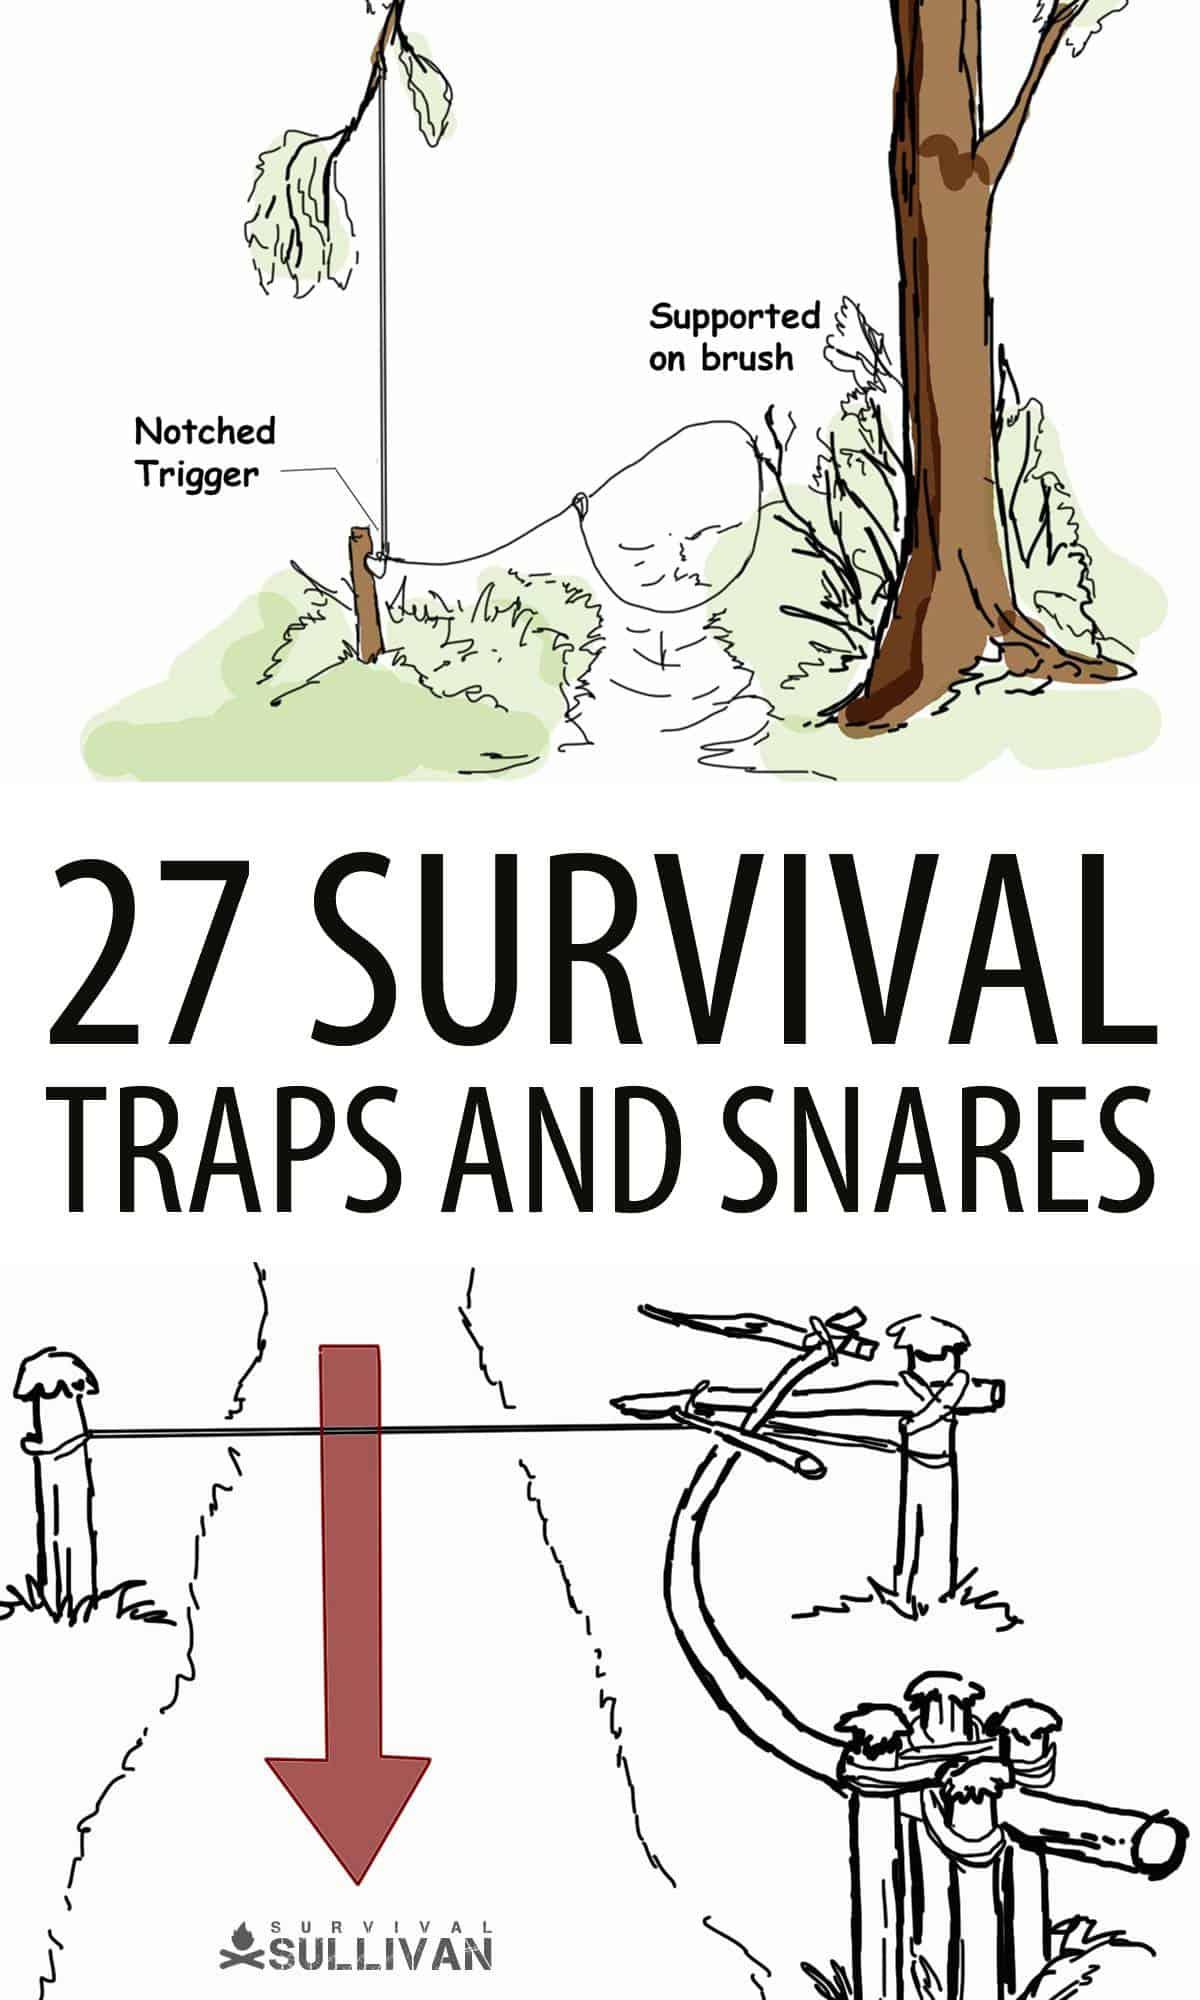 survival traps Pinterest image 2